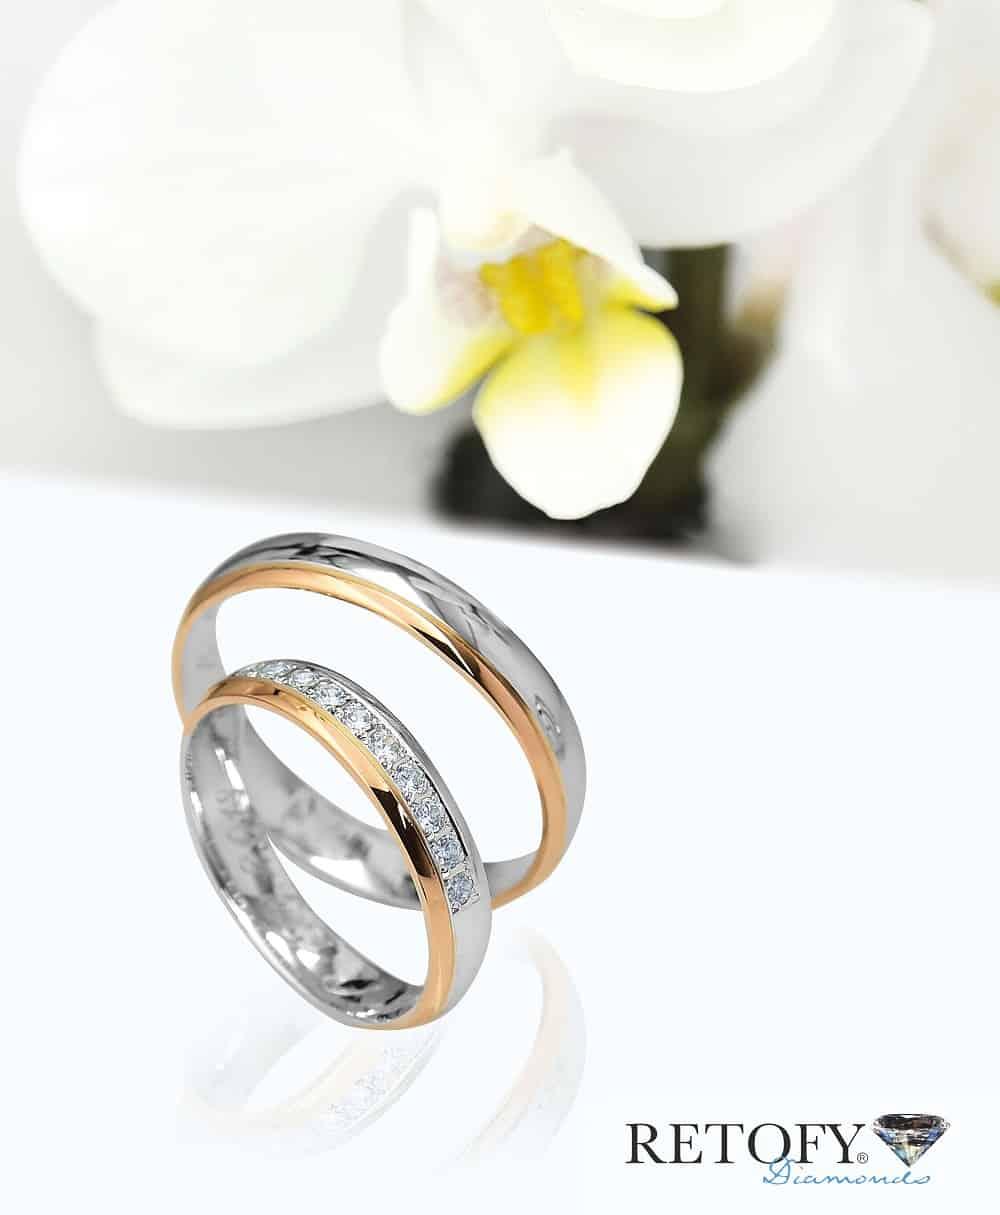 Snubni Prsteny Retofy Svet Svateb Cz